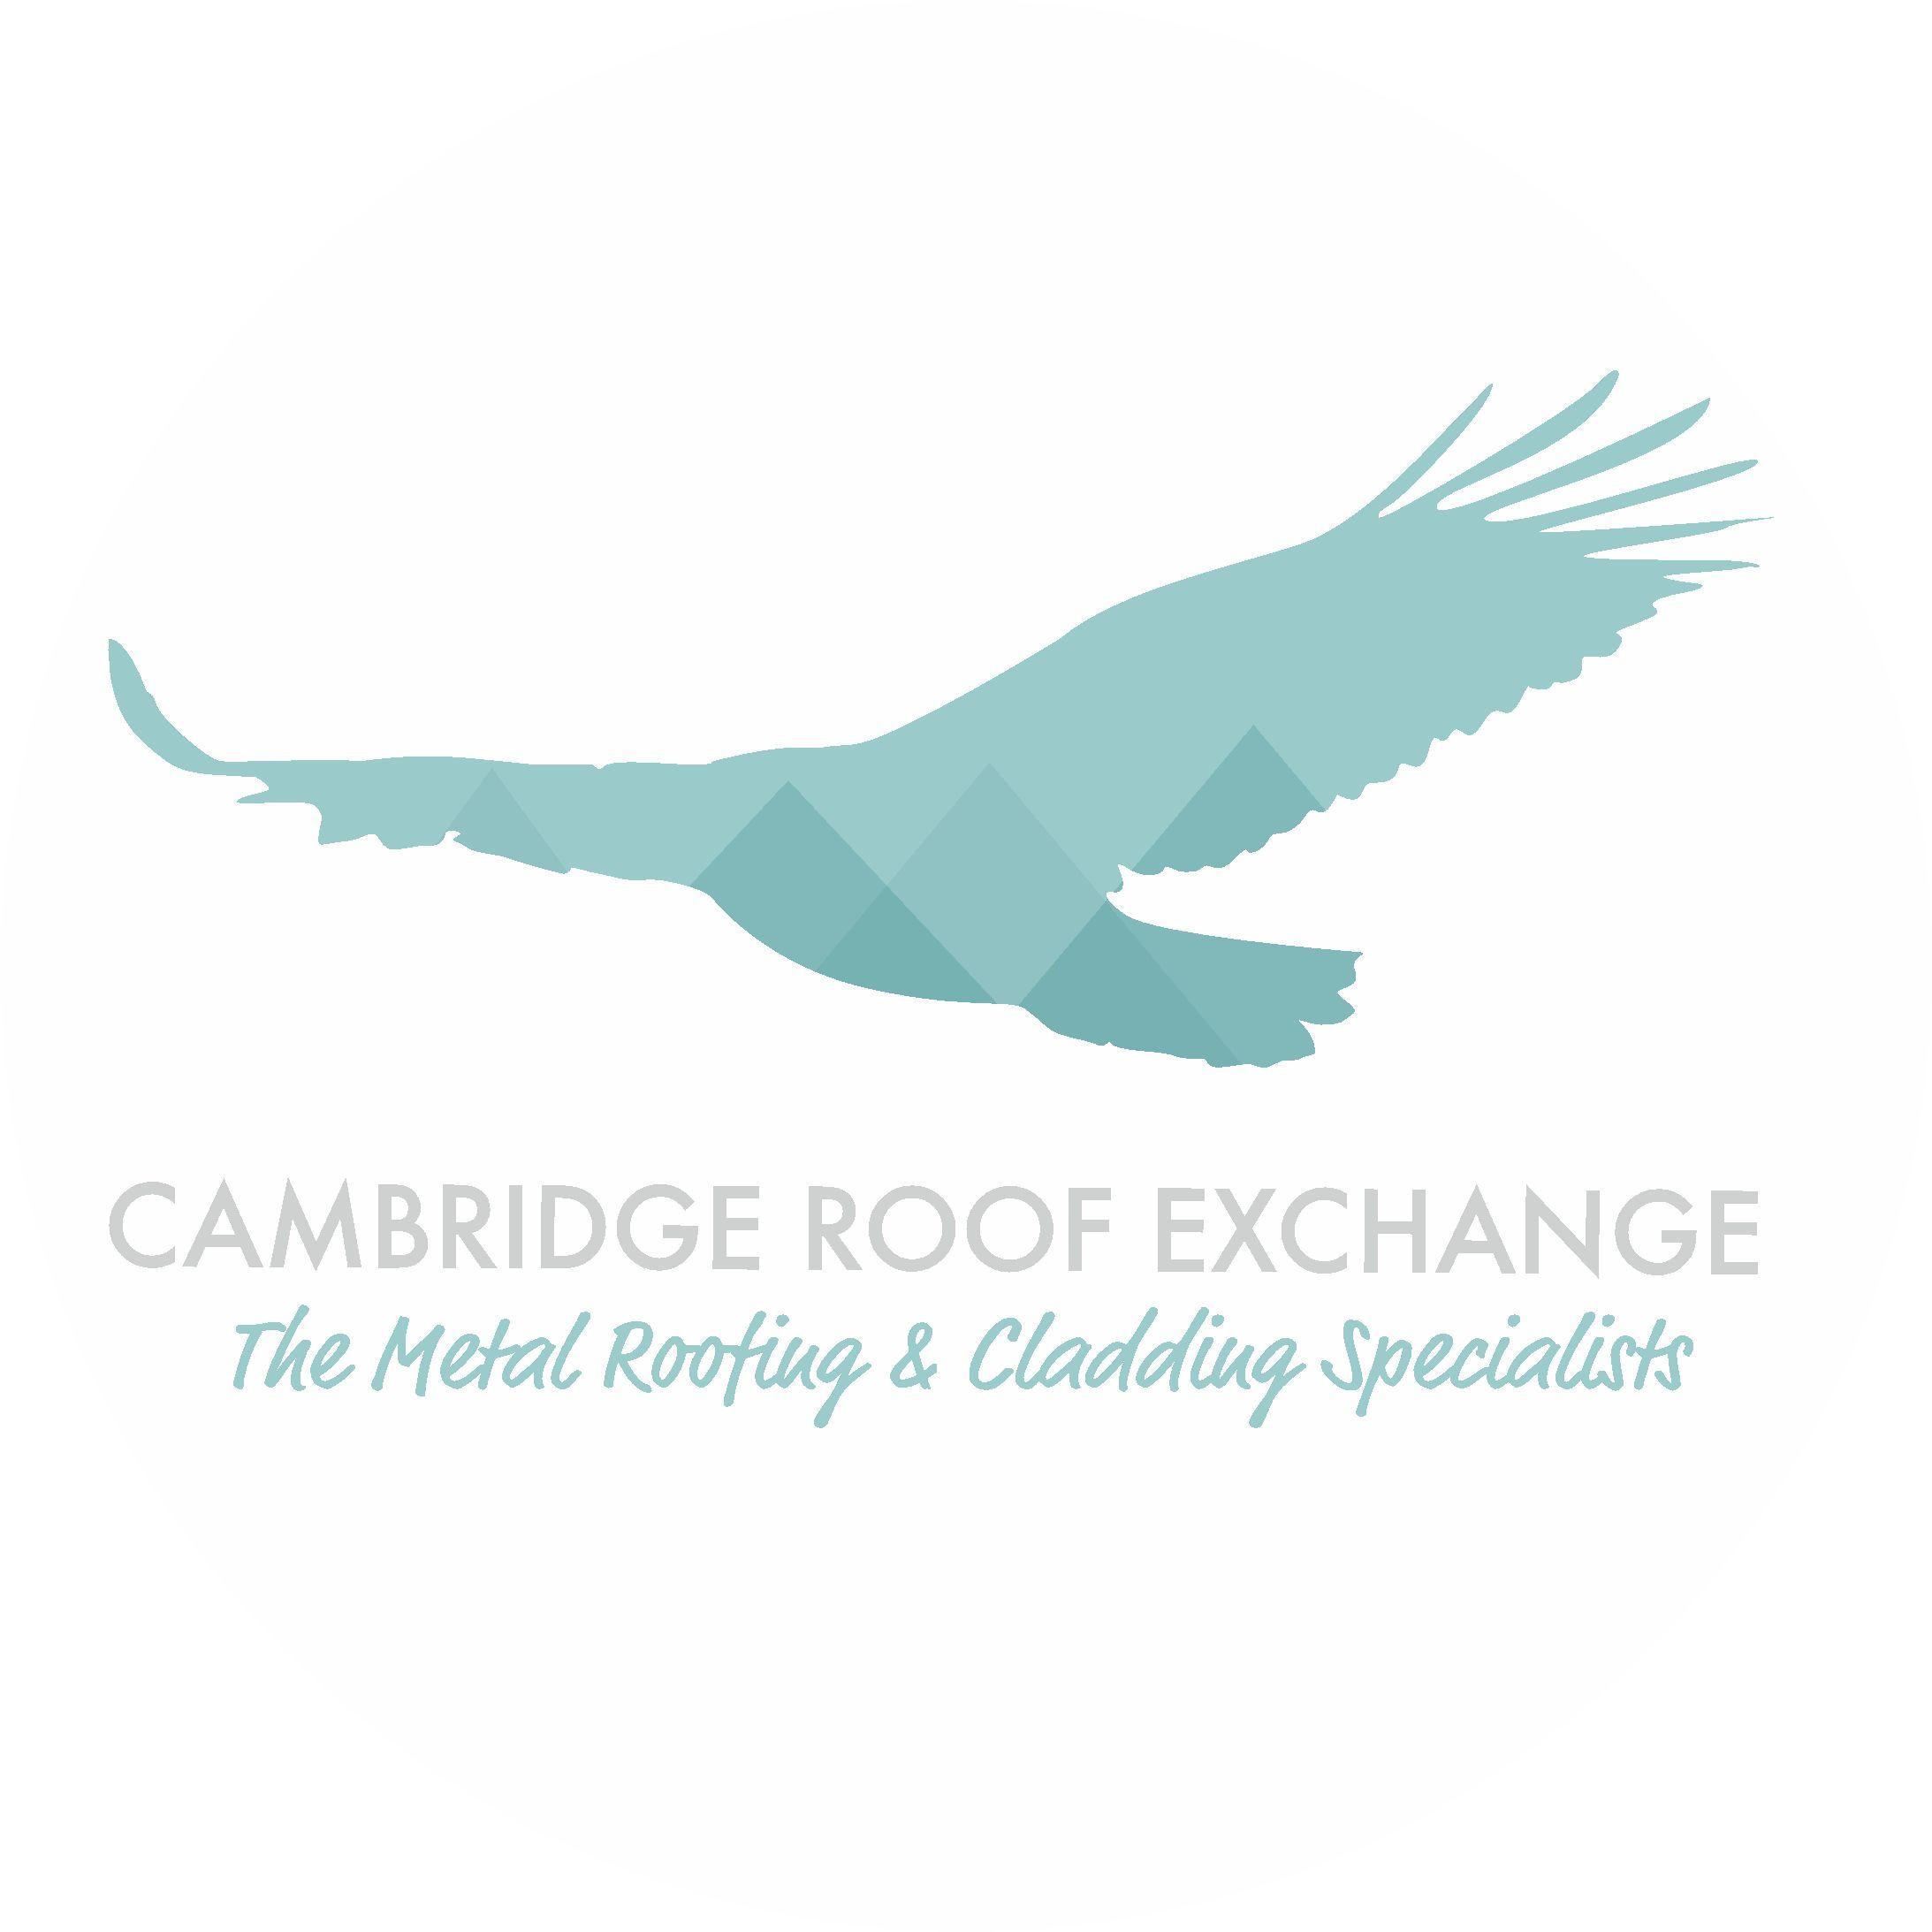 Mark Langley- The Cambridge Roof Exchange